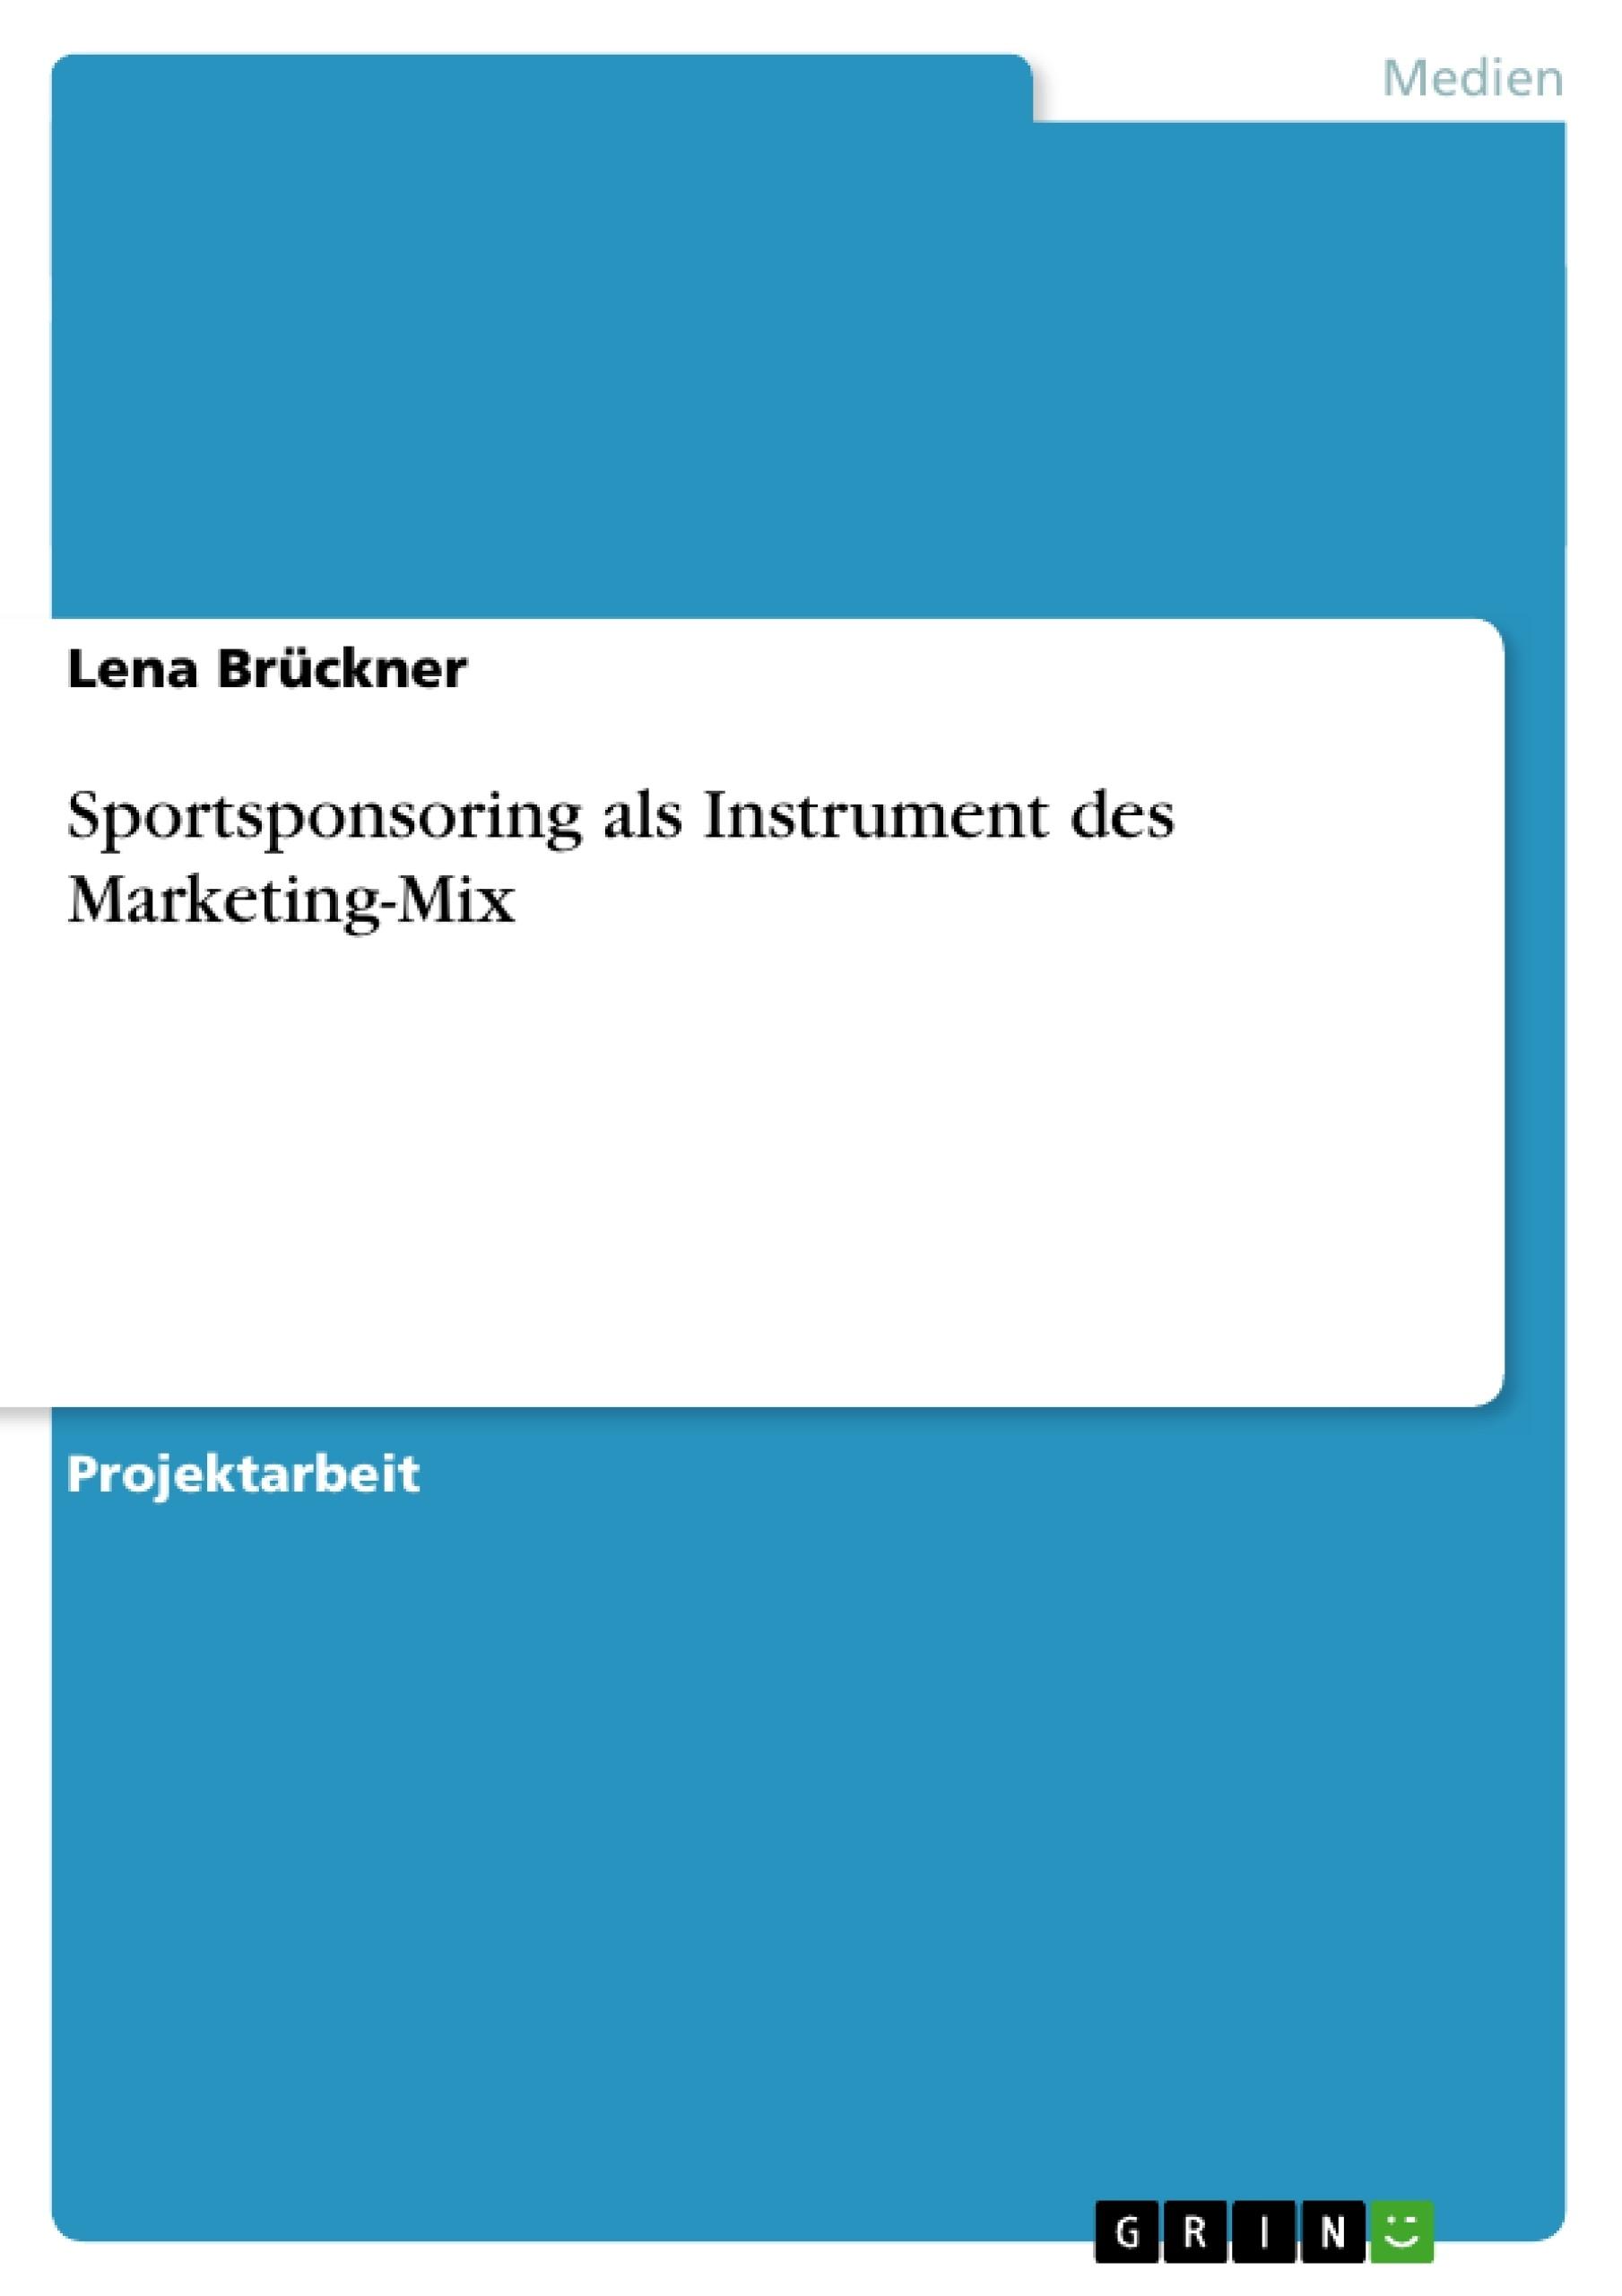 Titel: Sportsponsoring als Instrument des Marketing-Mix